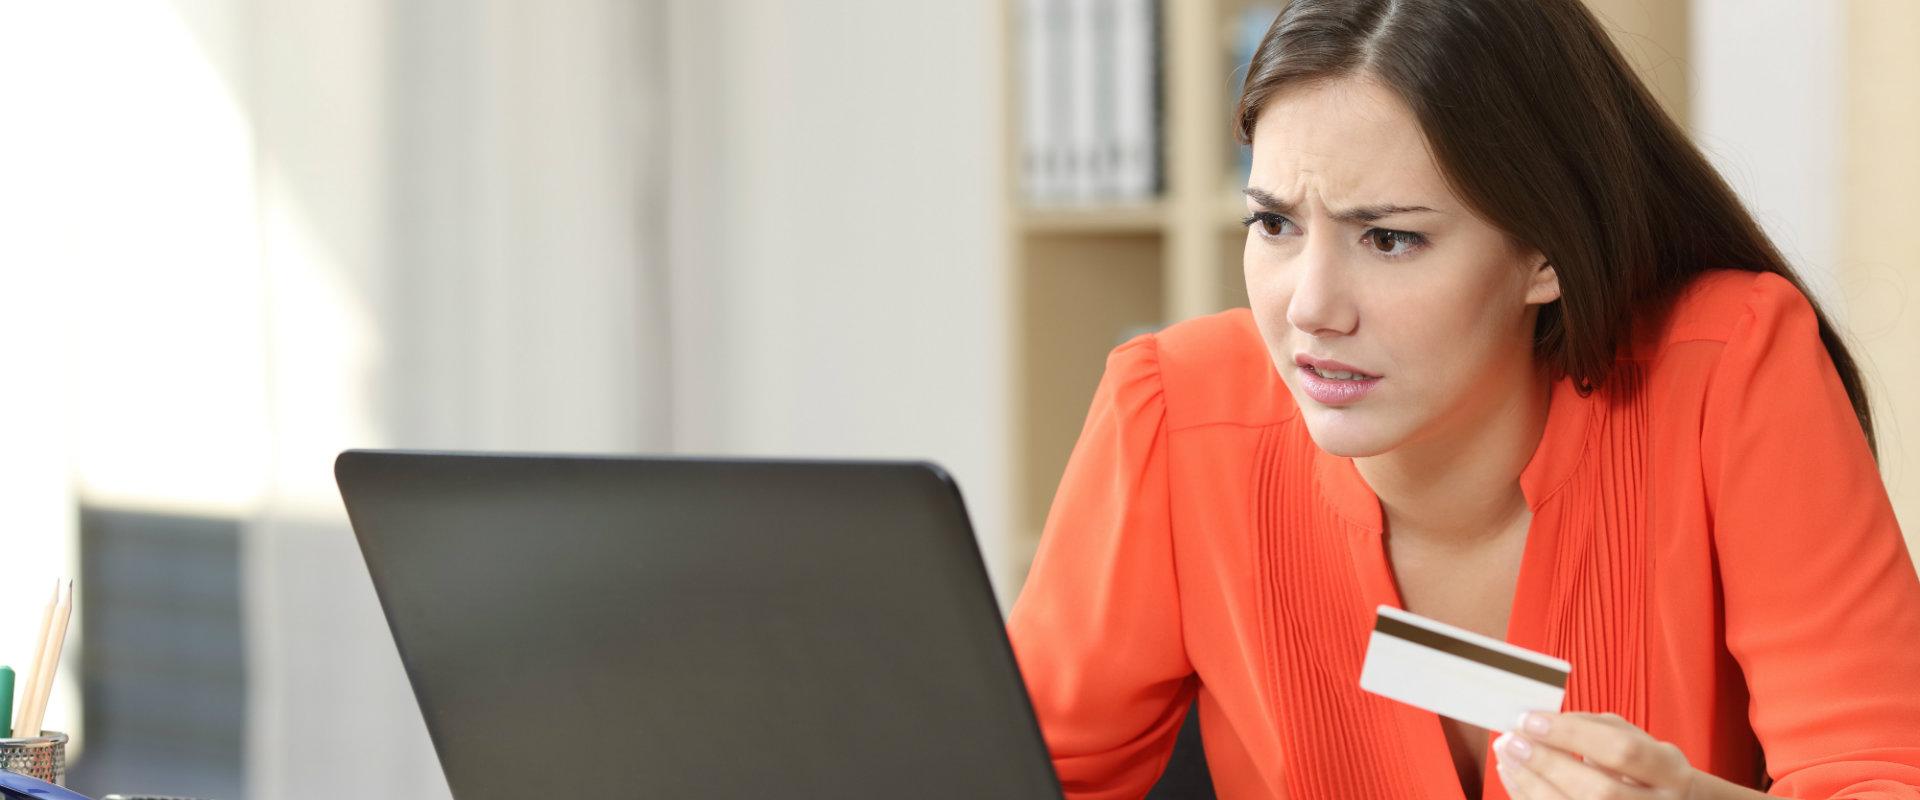 Mujer comprando el internet